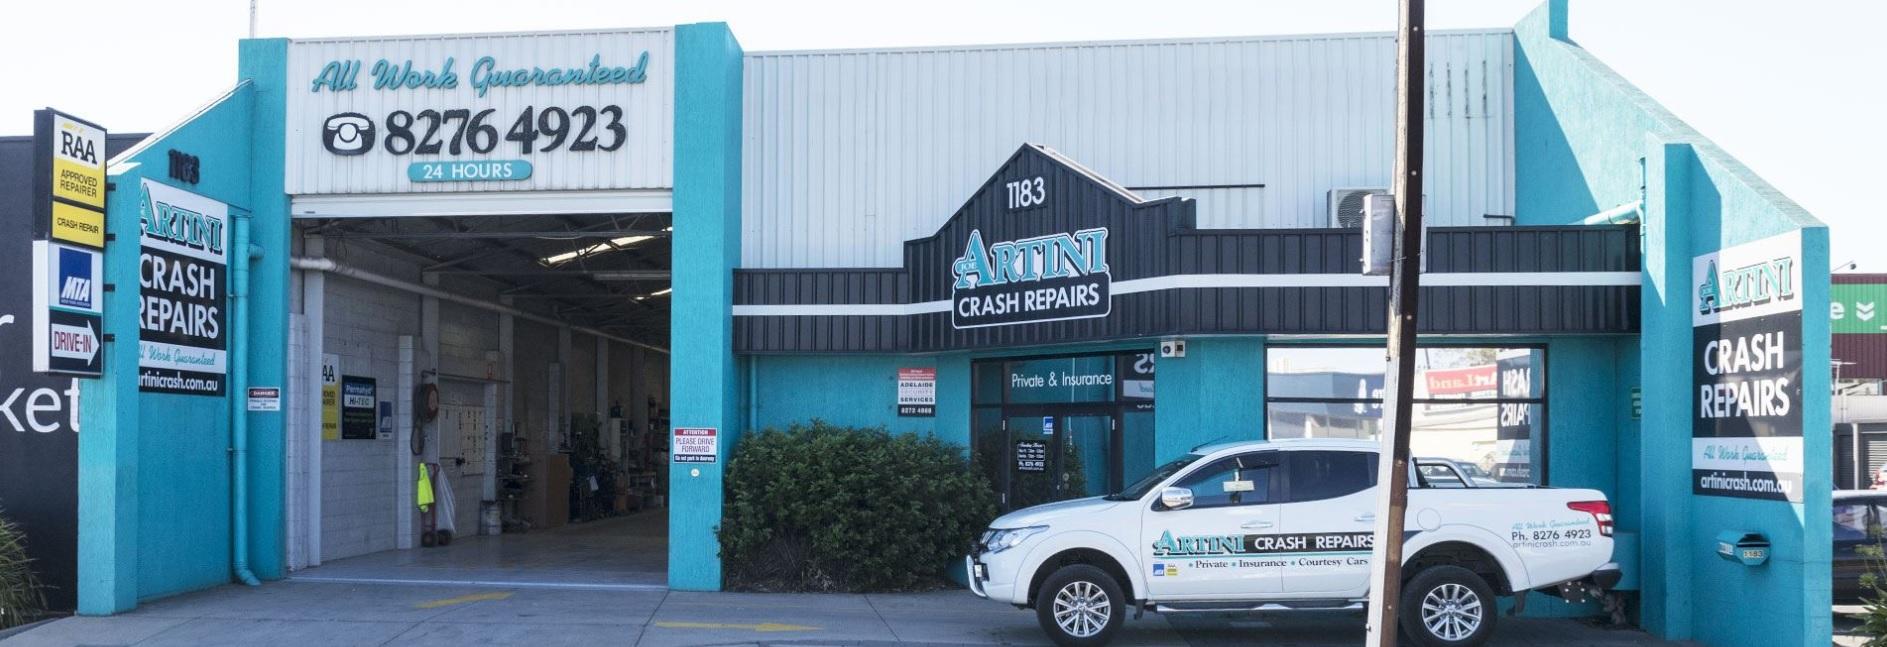 Artini Crash Repairs Photos